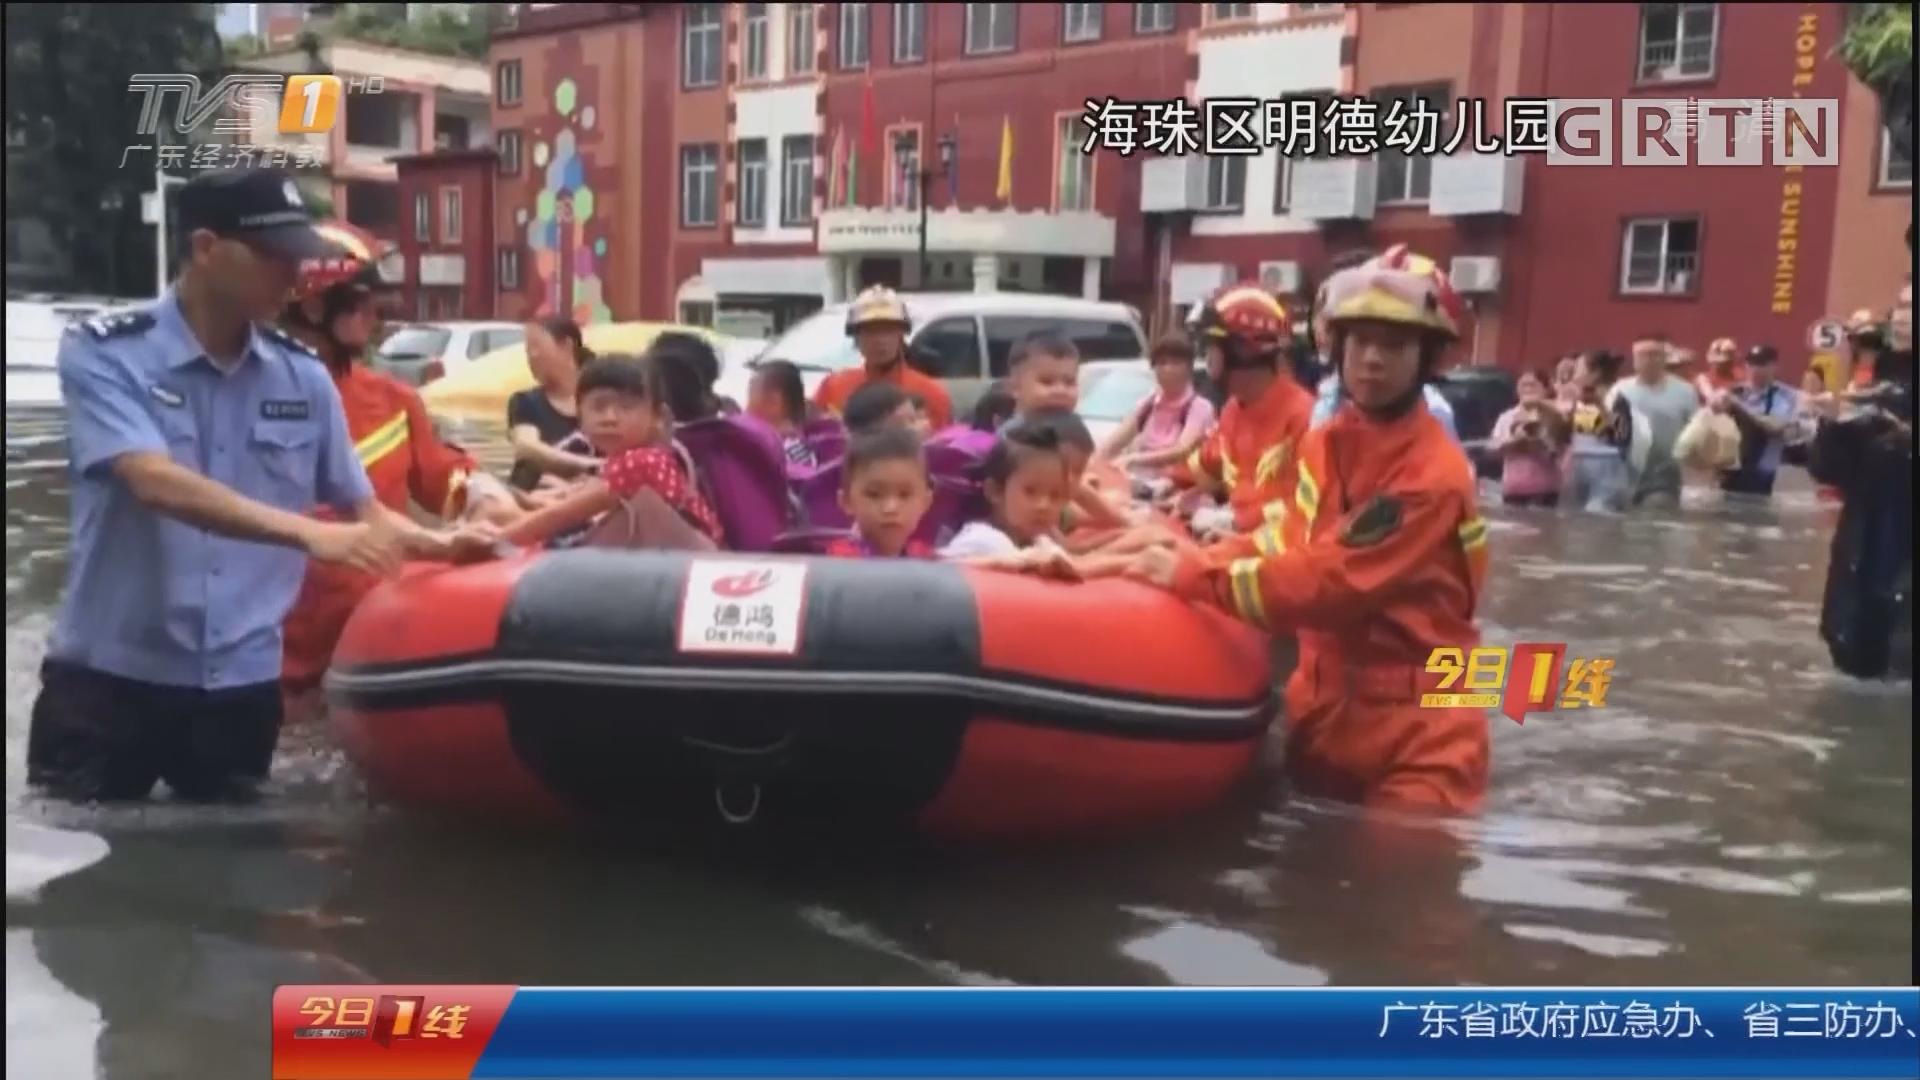 关注台风暴雨天:广州 公园 车站 停车场 纷纷化身水城